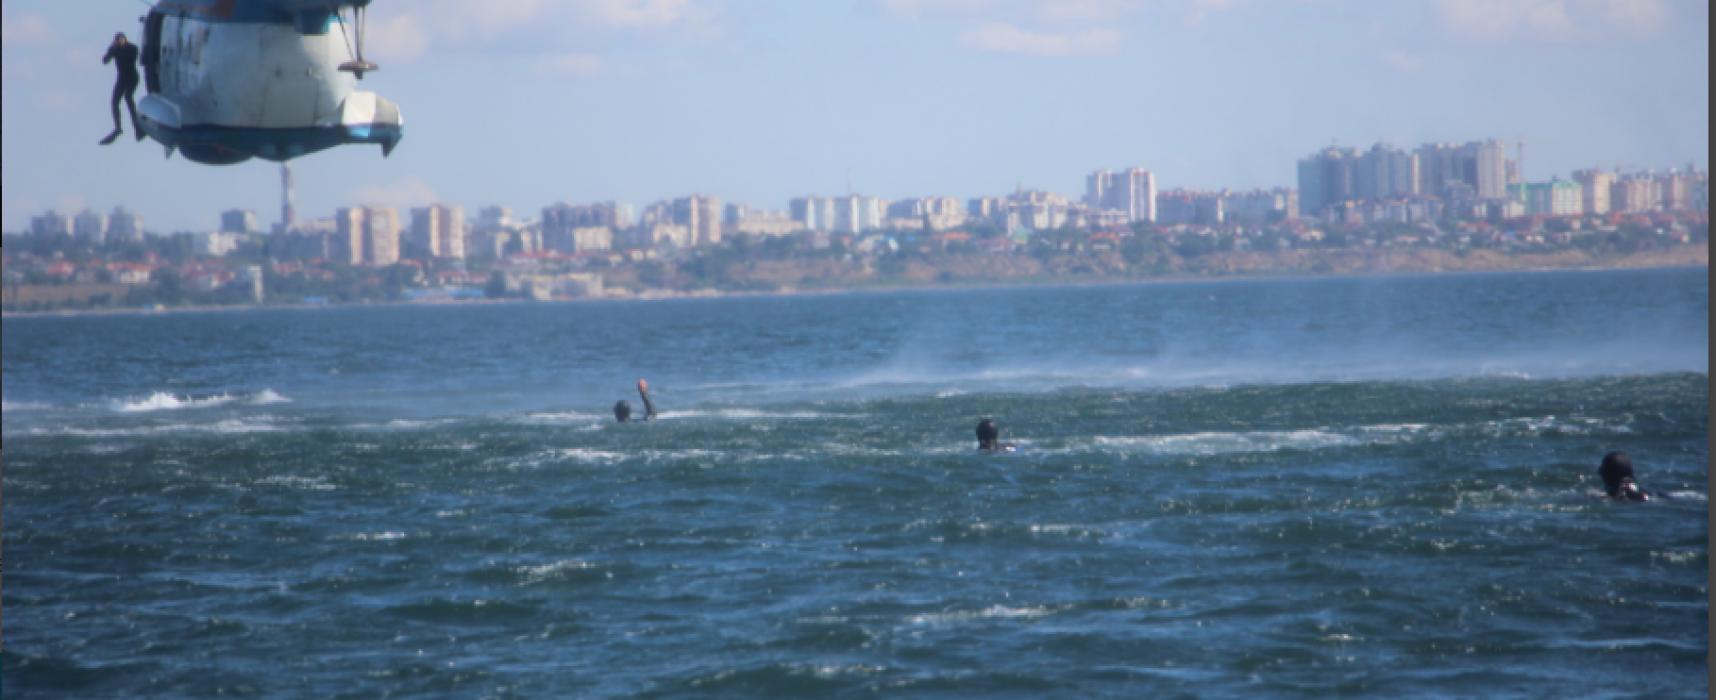 Фейк: Морская фаза учений НАТО «Sea Breeze» откладывается по вине Украины